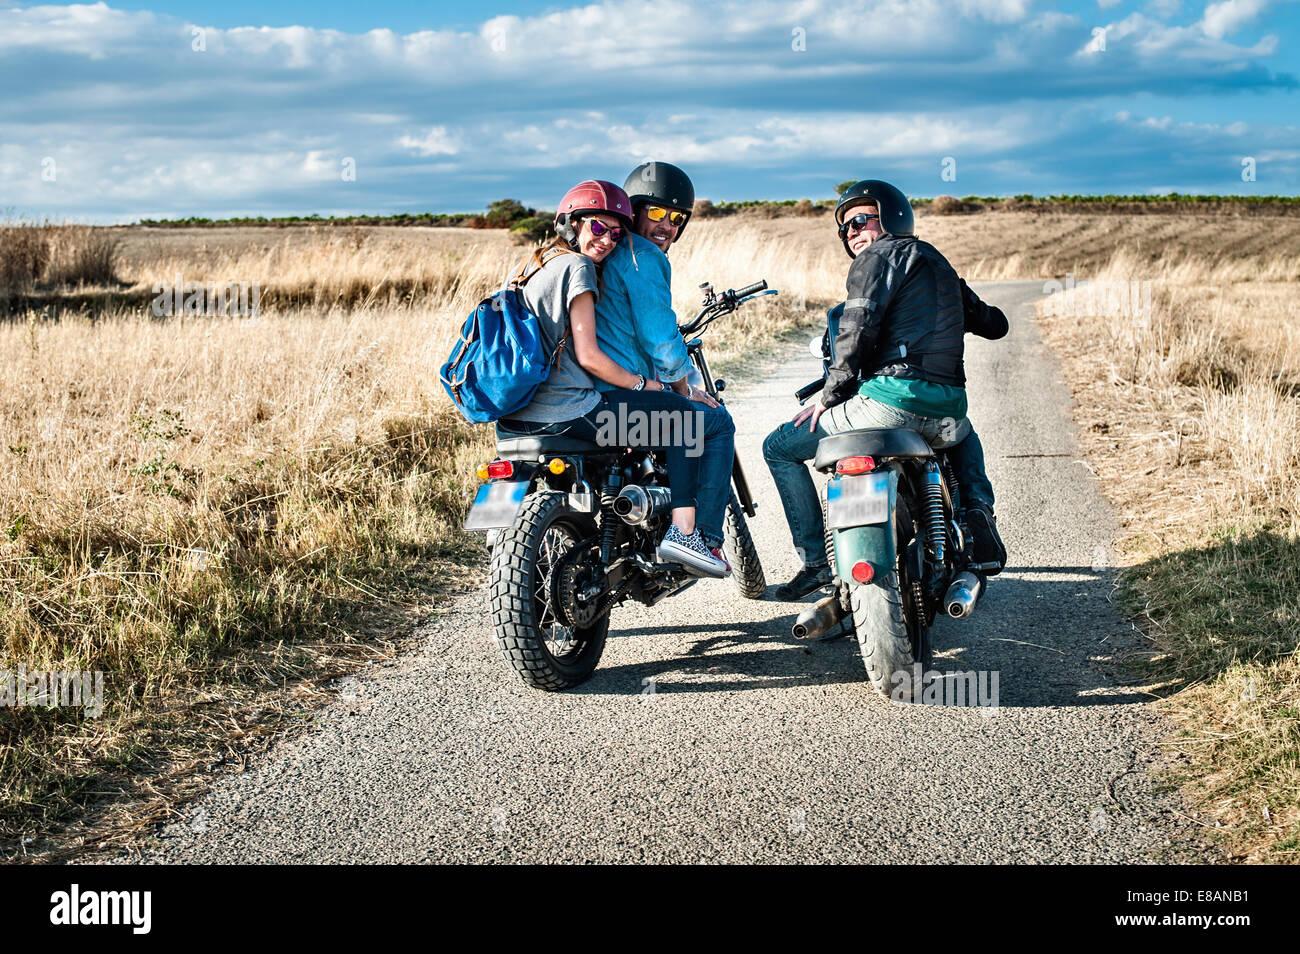 Rückansicht von drei Freunden auf Motorrädern auf Landstraße, Cagliari, Sardinien, Italien Stockbild